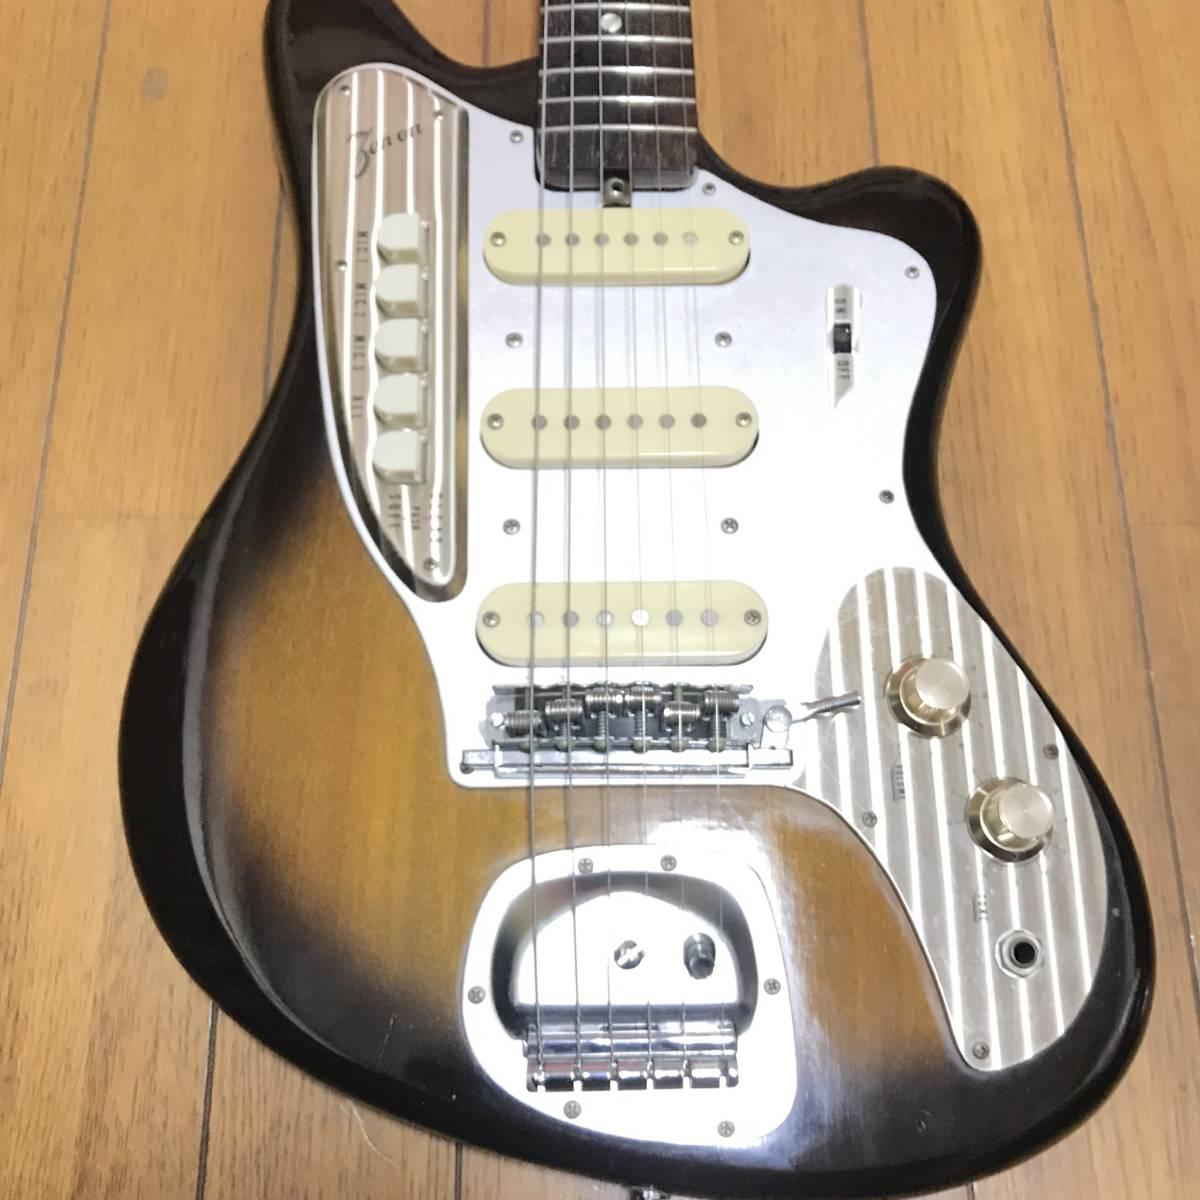 ZEN-ON ZES-220 1965年製? 魅惑のジャパニーズビンデージ ビザールギター 全音 ZEN